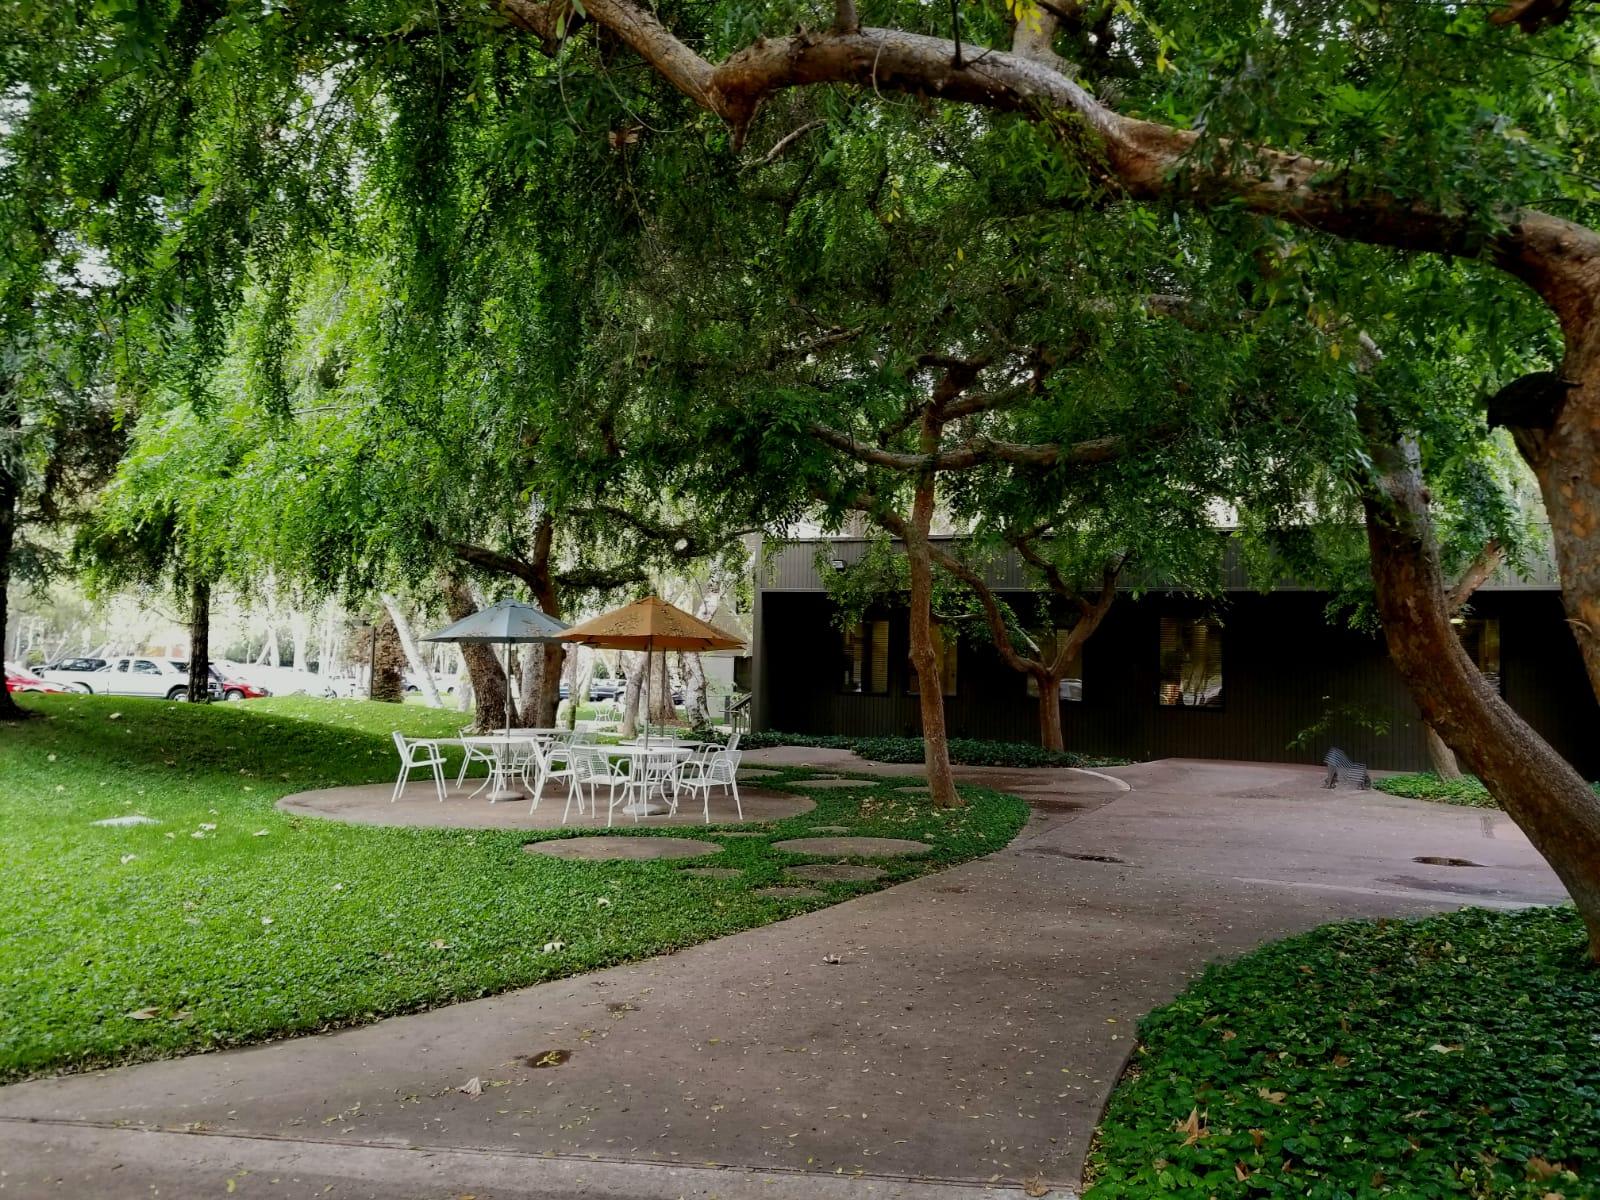 Esri Redlands campus